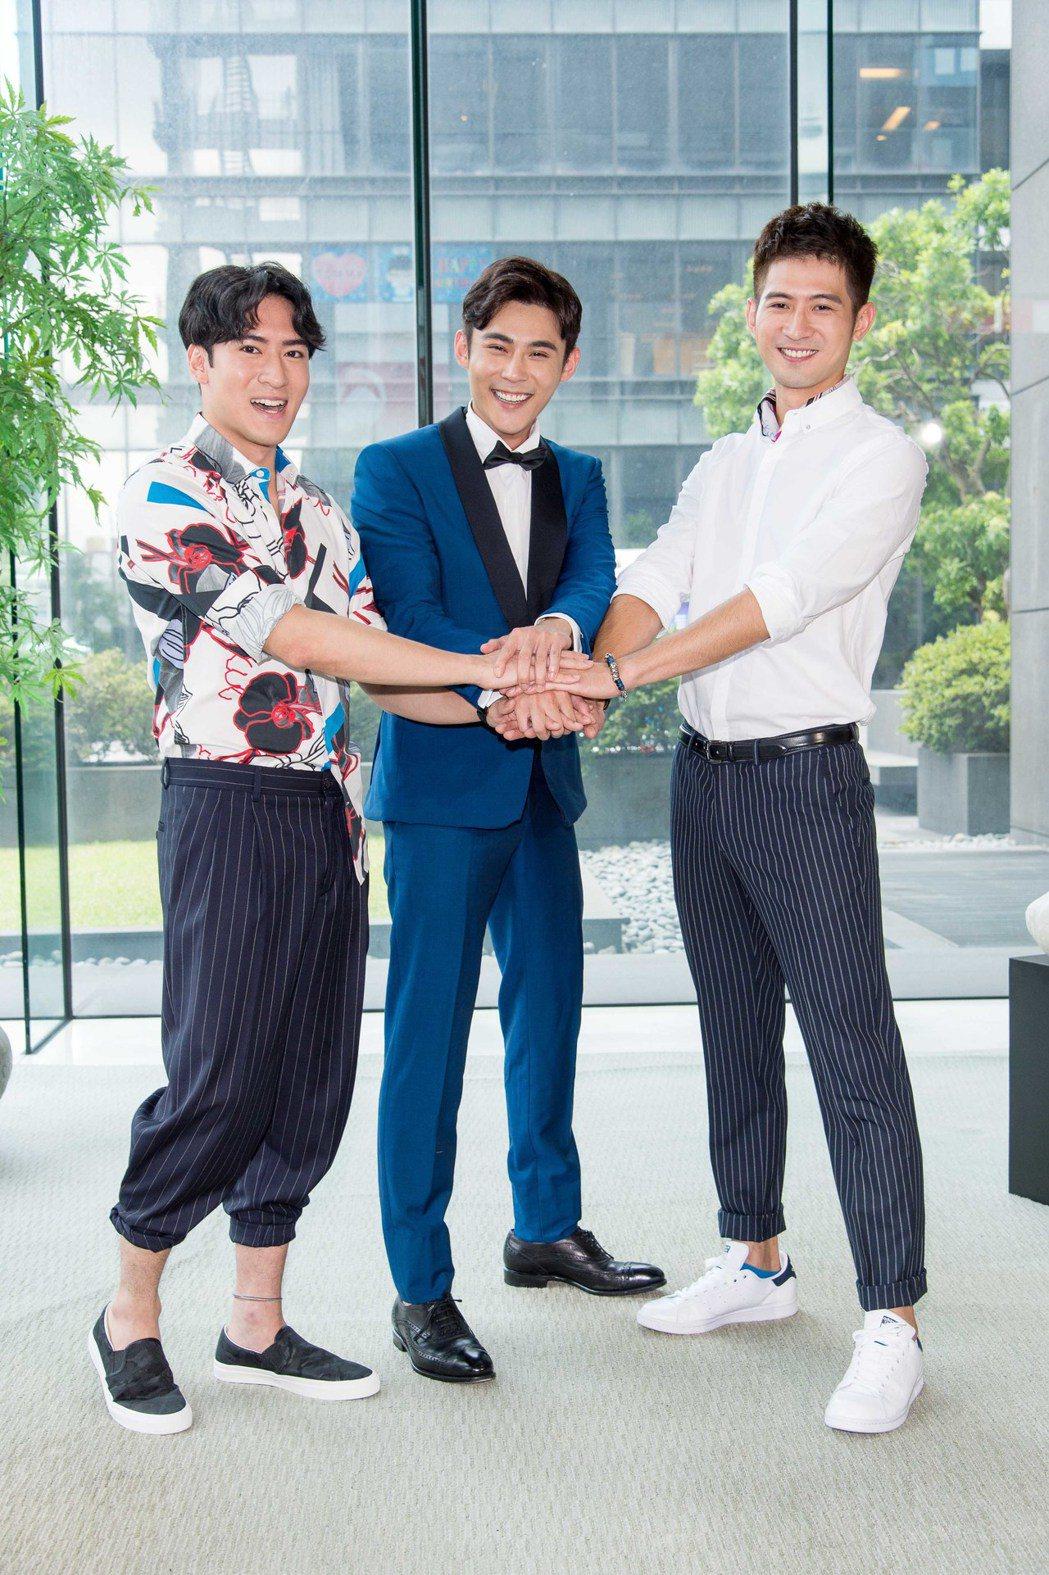 沈建宏(左起)和簡宏霖、陳奕接拍新戲台視、三立週日新偶像劇「噗通噗通我愛你」。圖